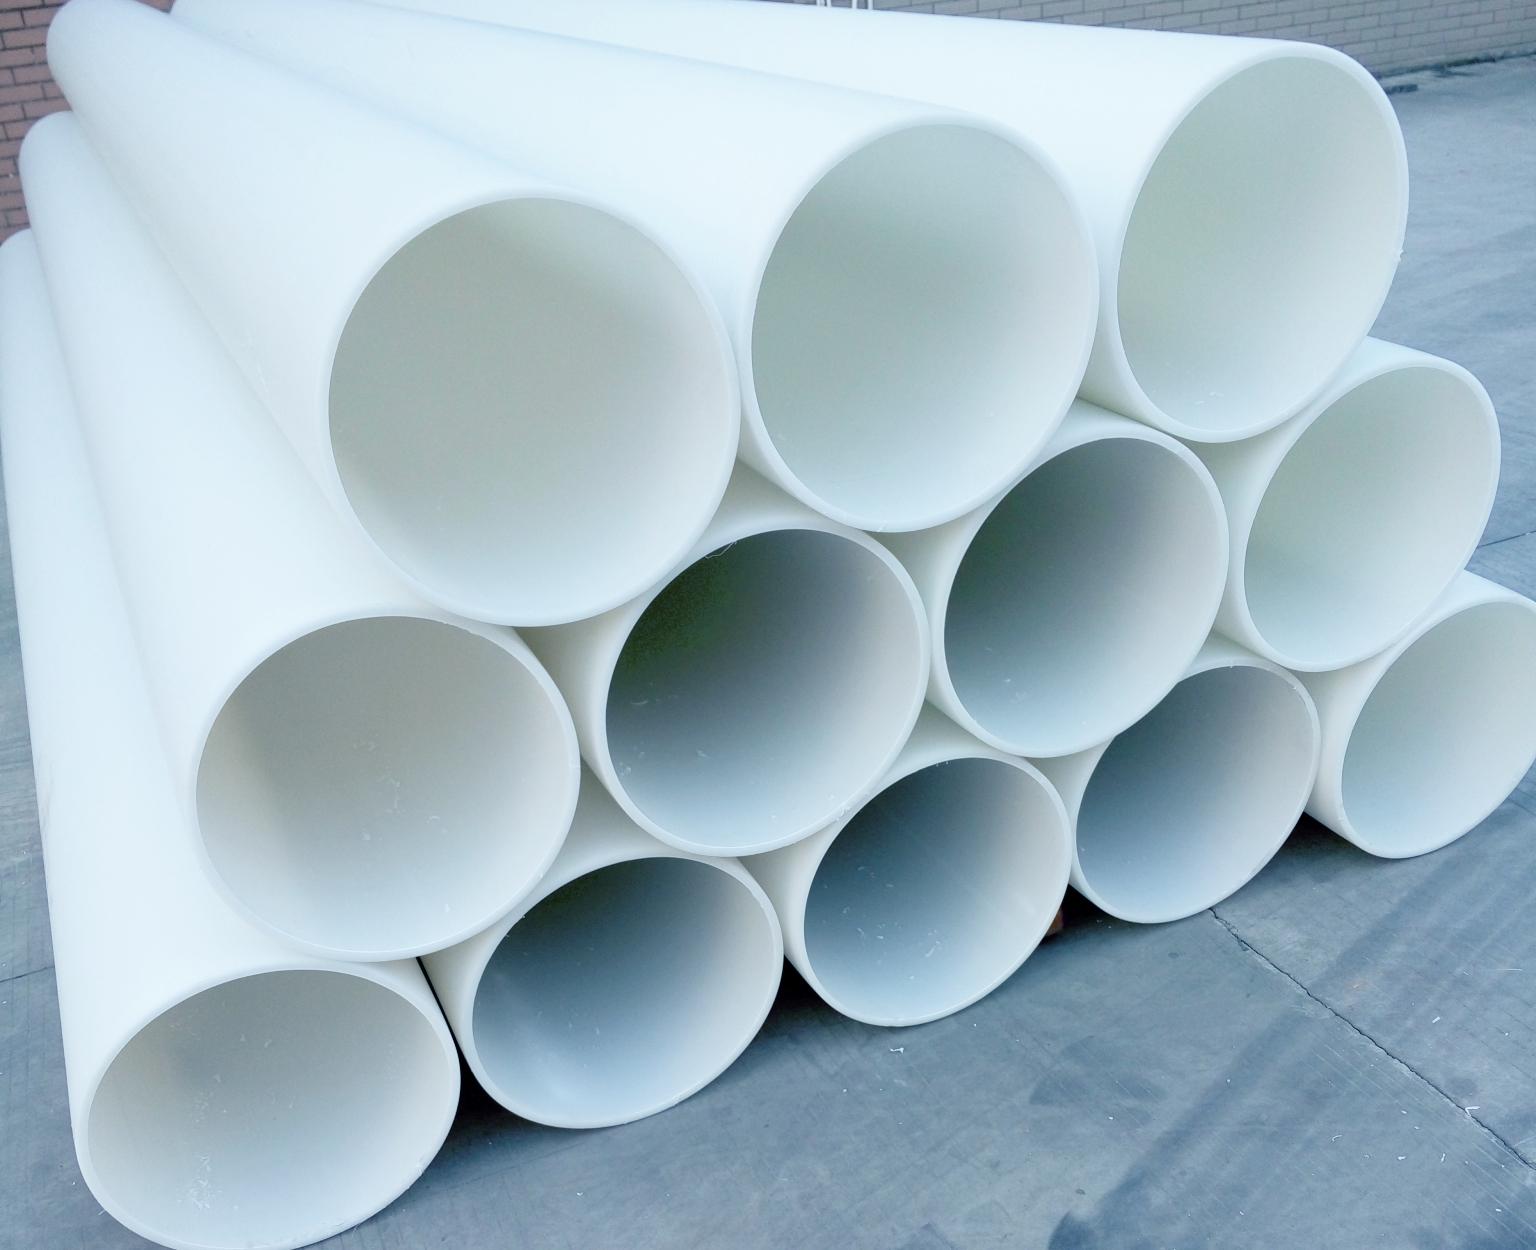 供应一次成型聚丙烯PP管、PP管材、化工管道、建筑工程管道、给排水管道